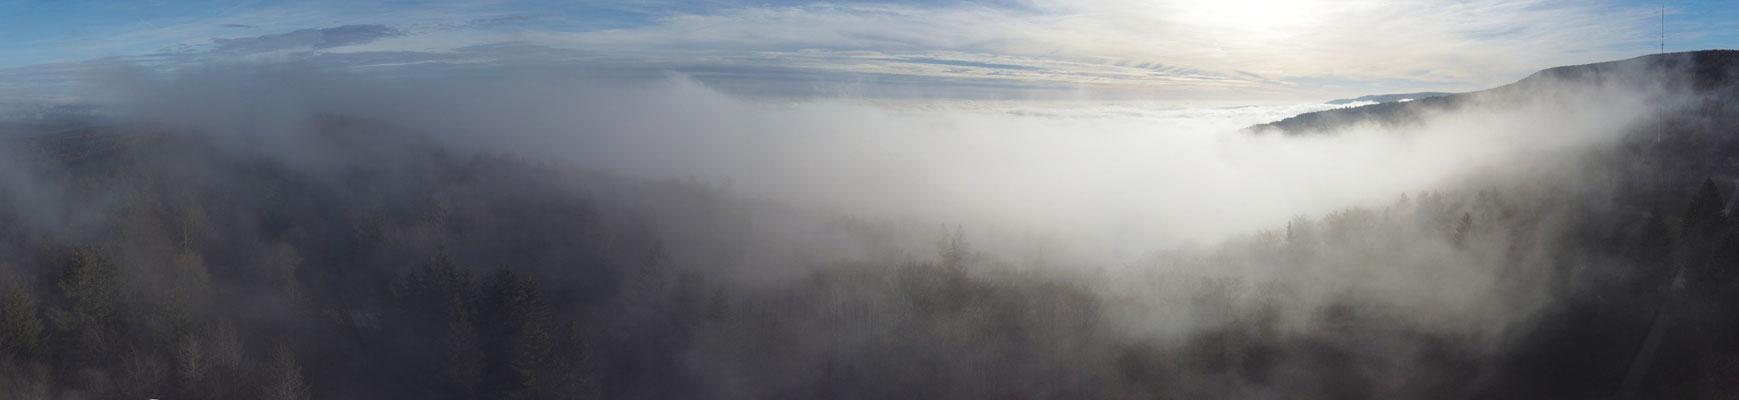 Panorama,Drohnenfoto,  Rhön, Nebel, Wolken, Sonne, Gegenlicht, Wald